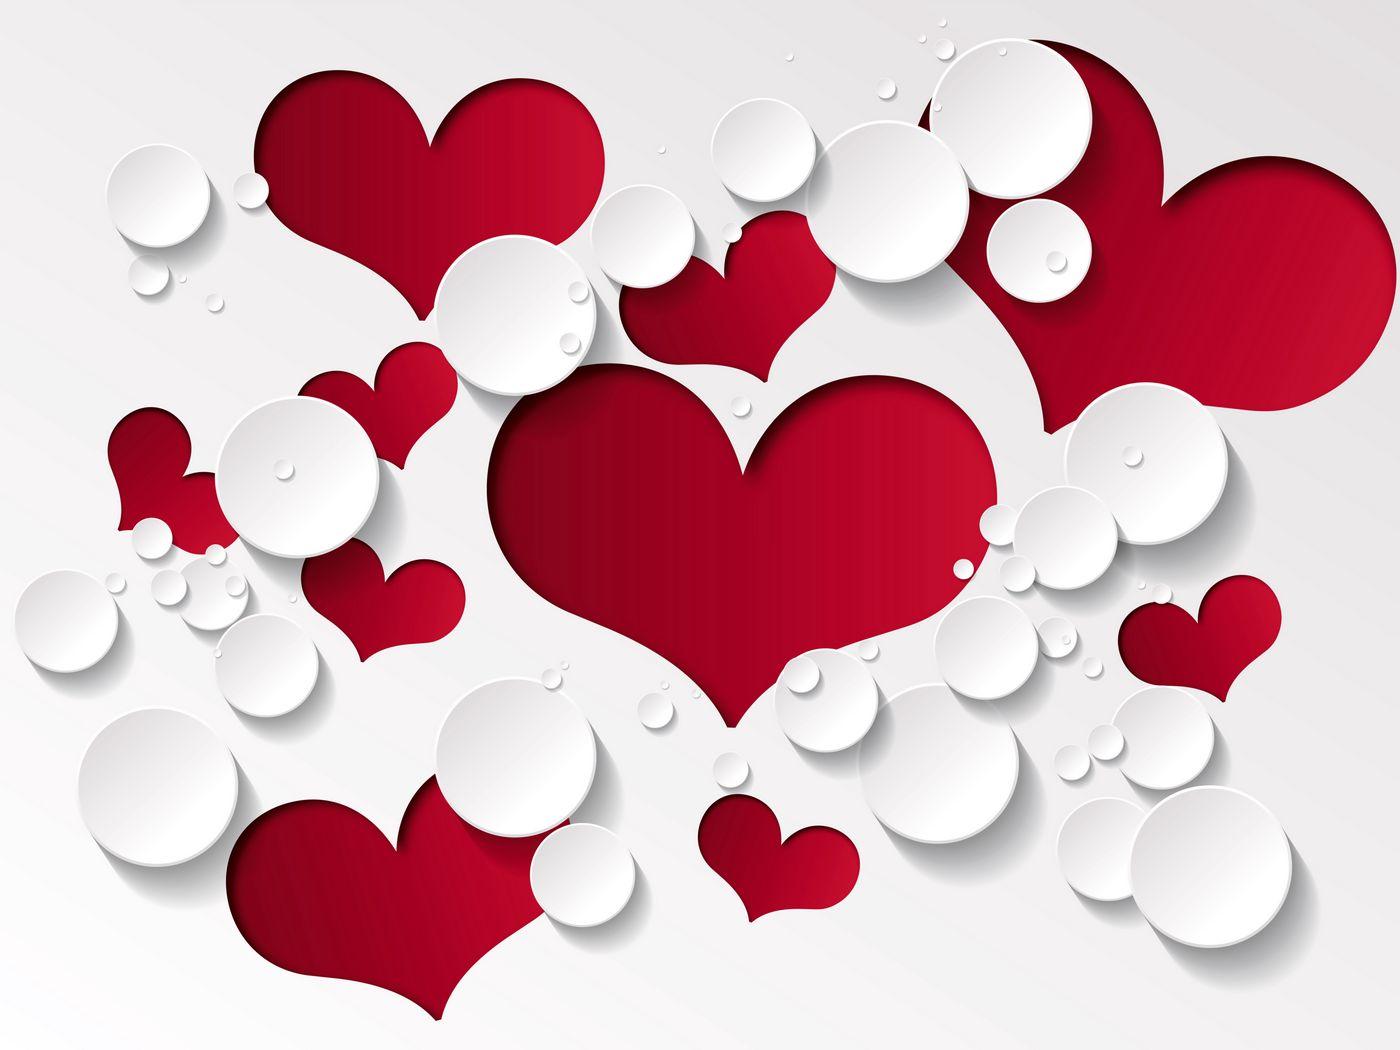 1400x1050 Wallpaper heart, shape, pattern